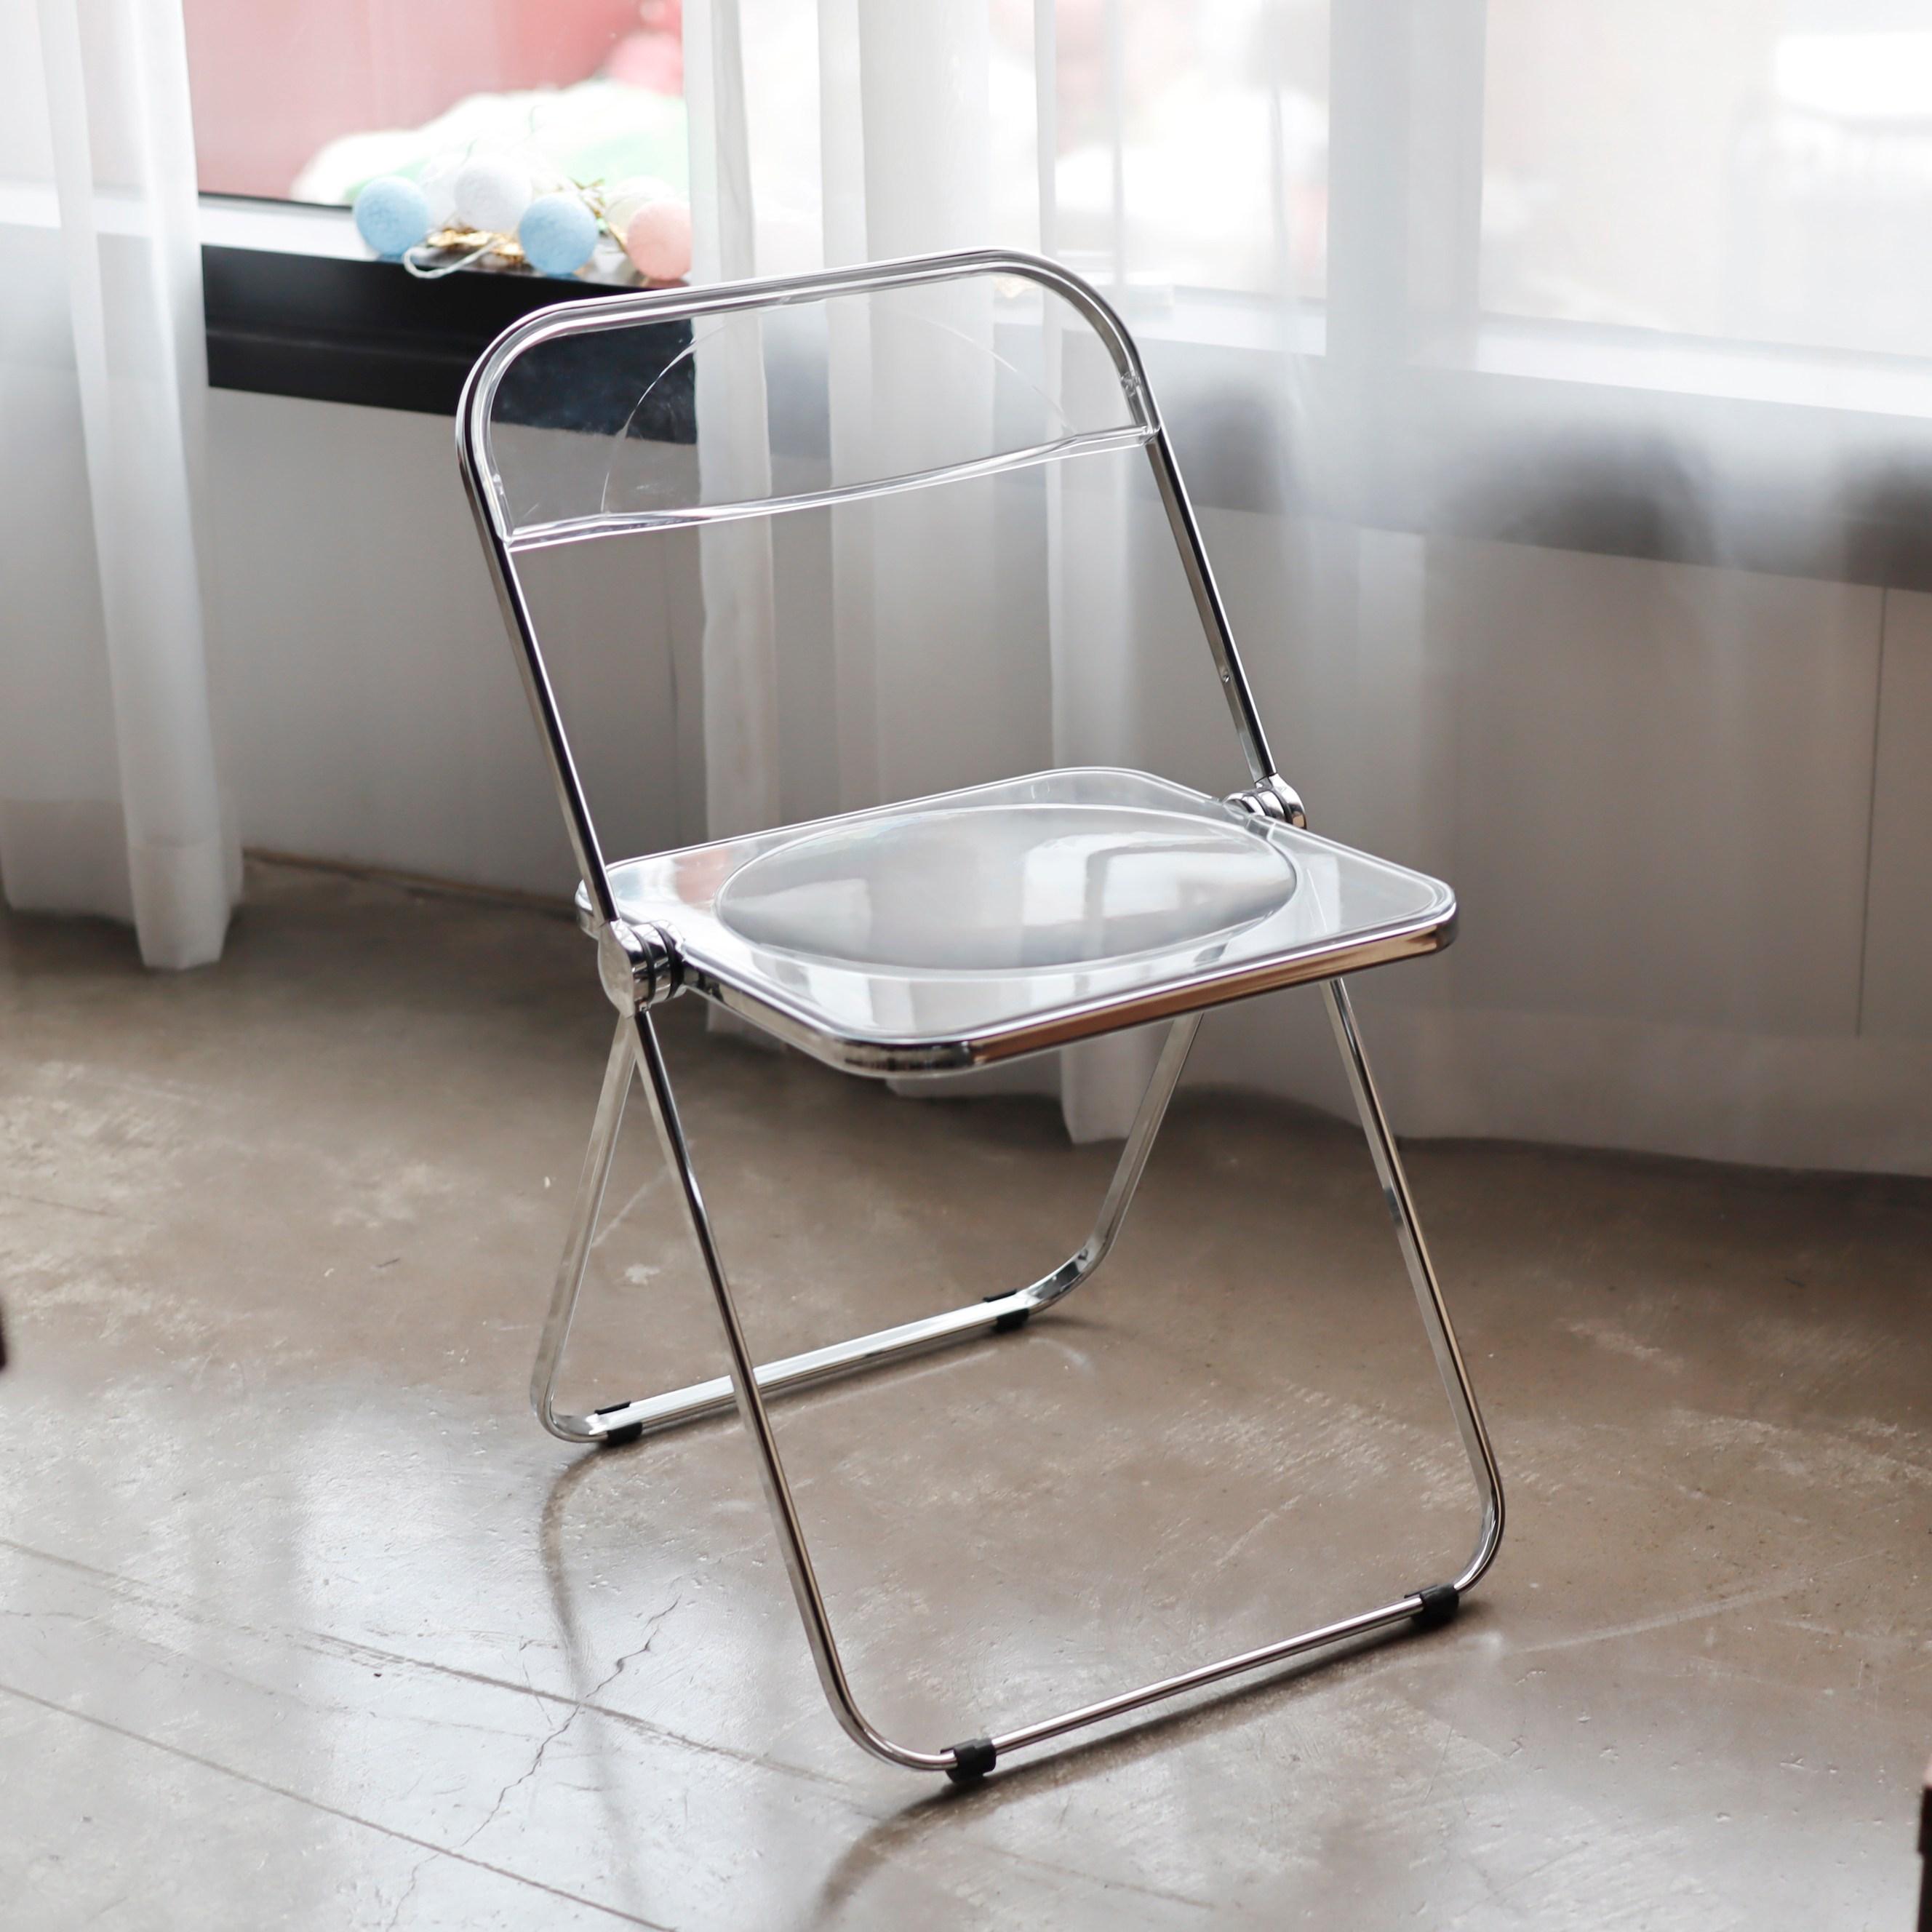 체나레 플리아 인테리어 접이식 투명 의자, 화이트